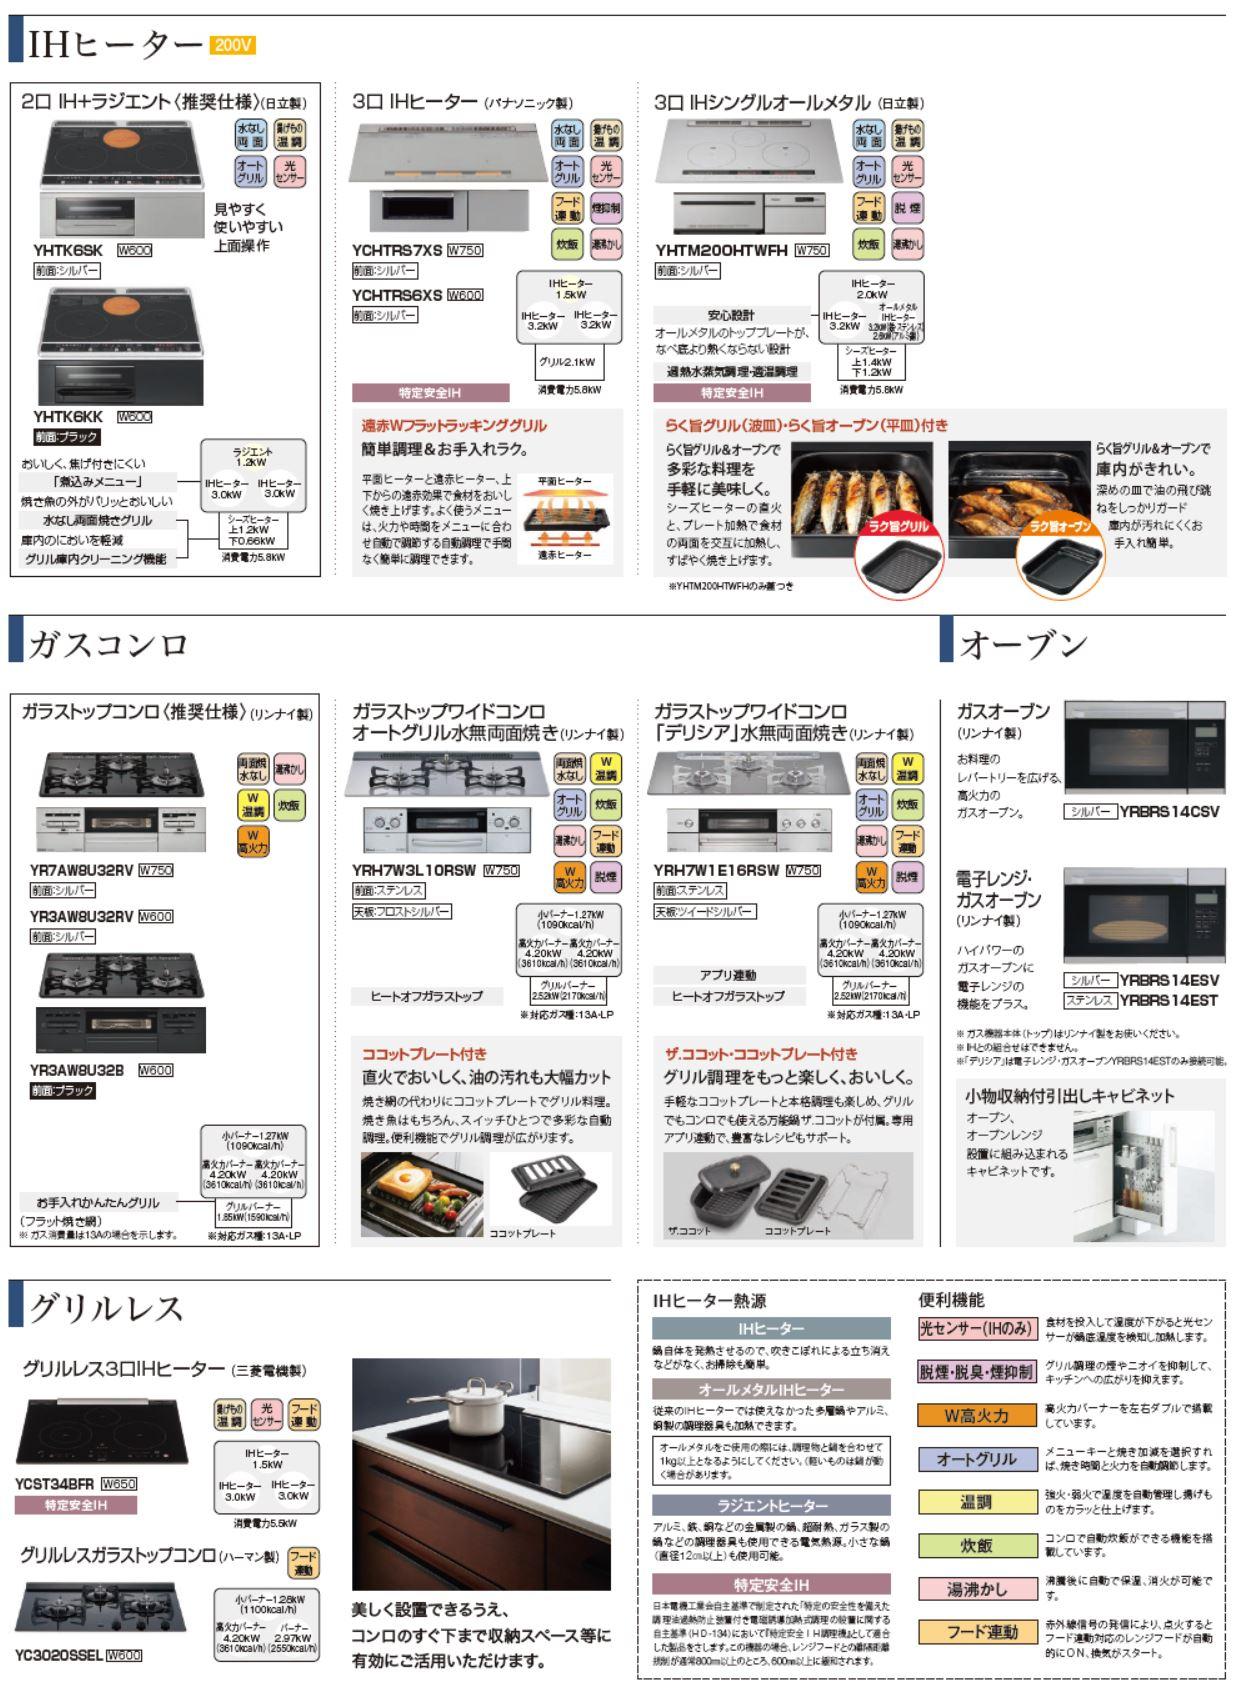 住友林業標準の調理機器(トクラスの例)